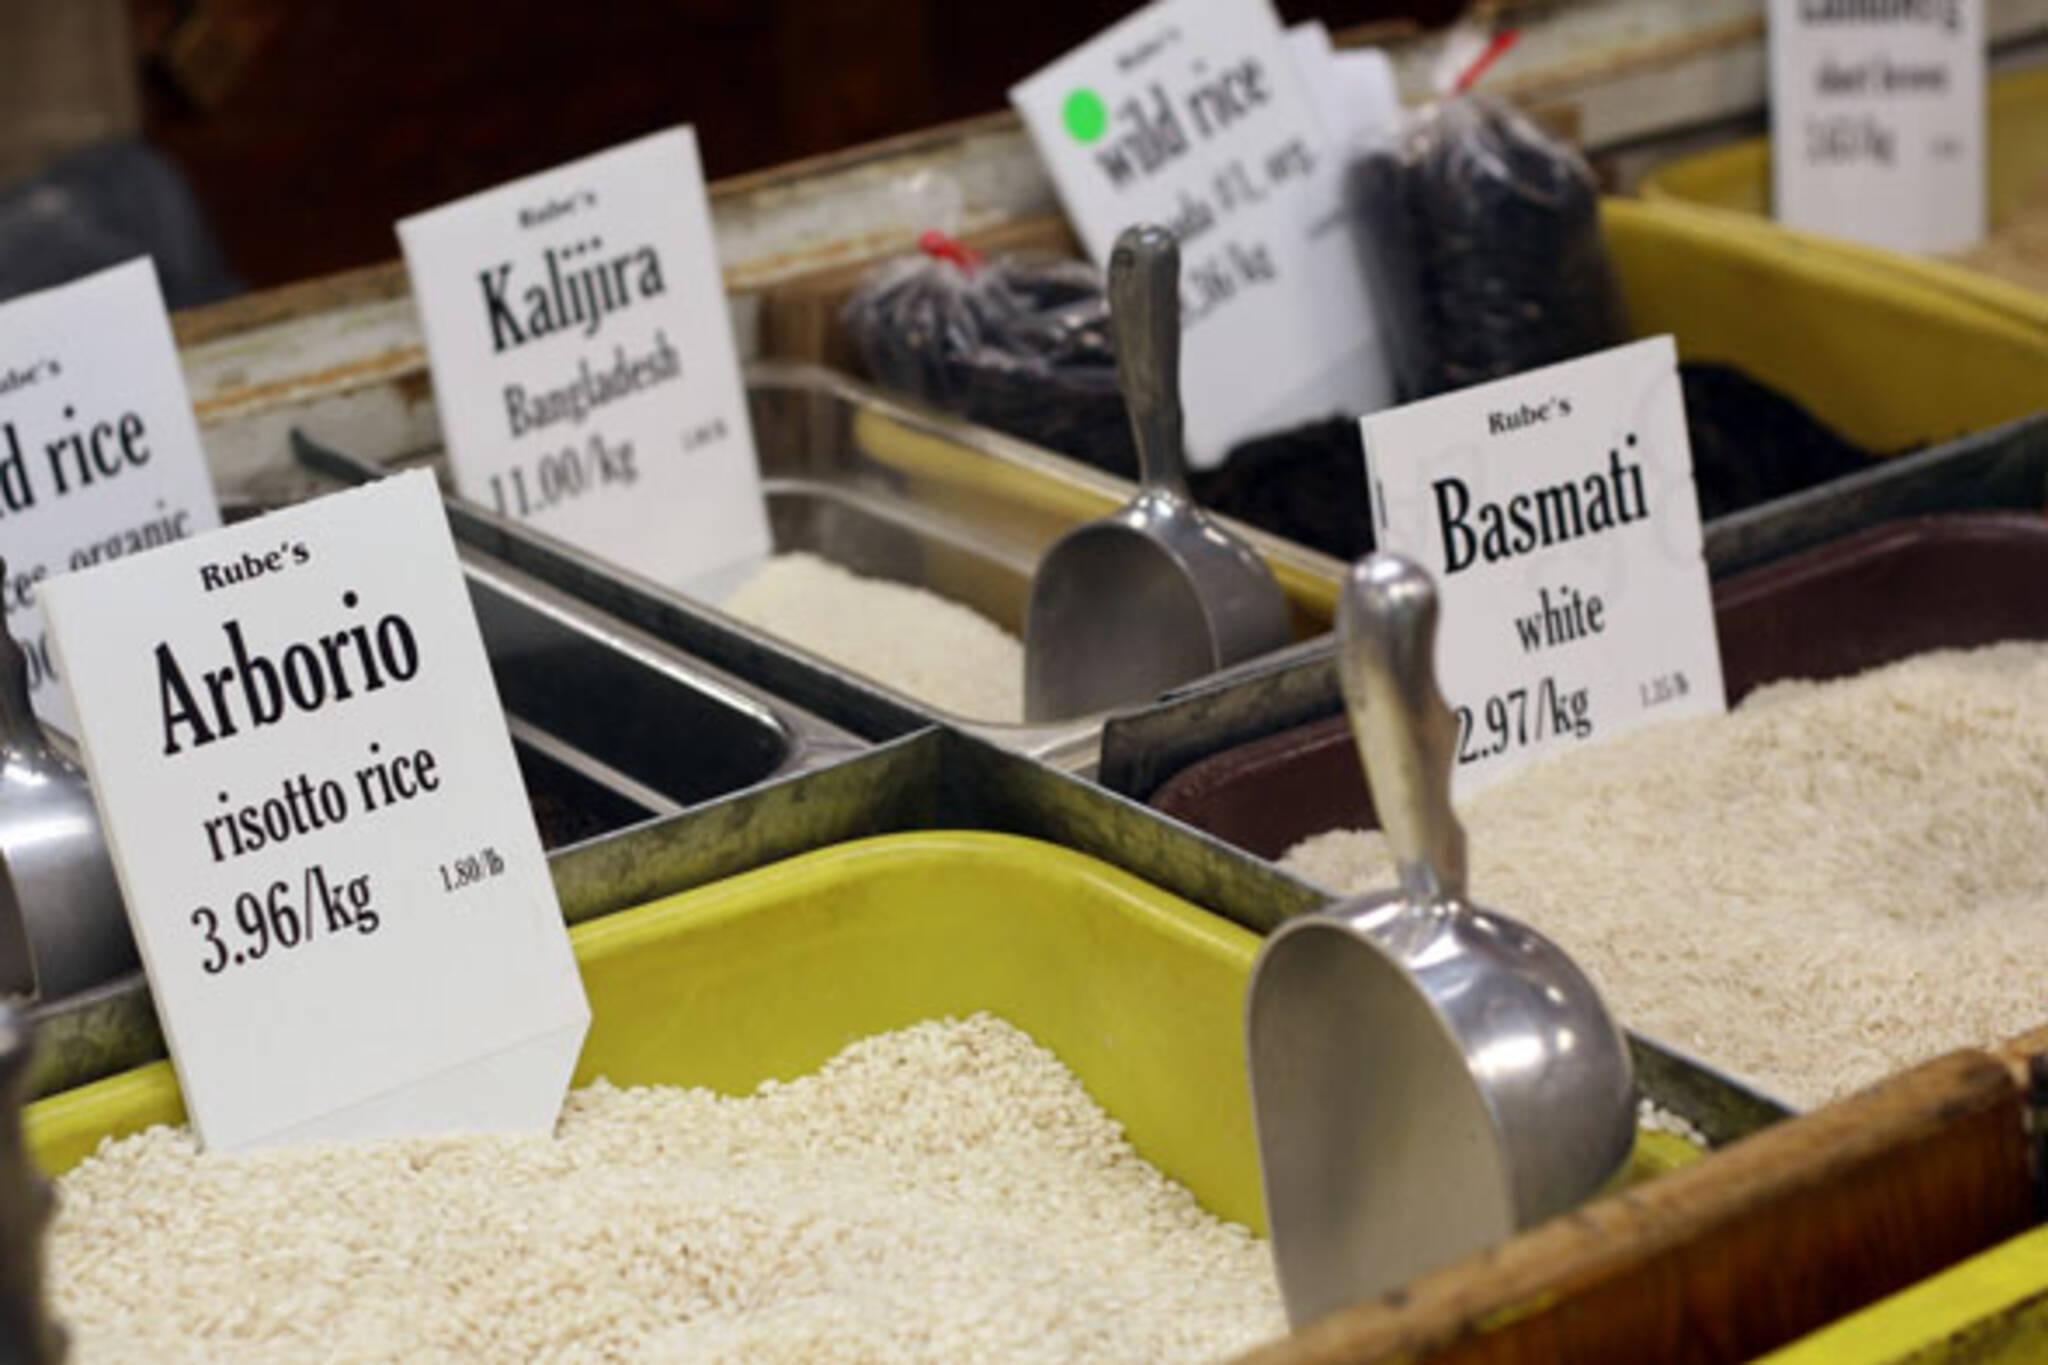 Rube's Rice